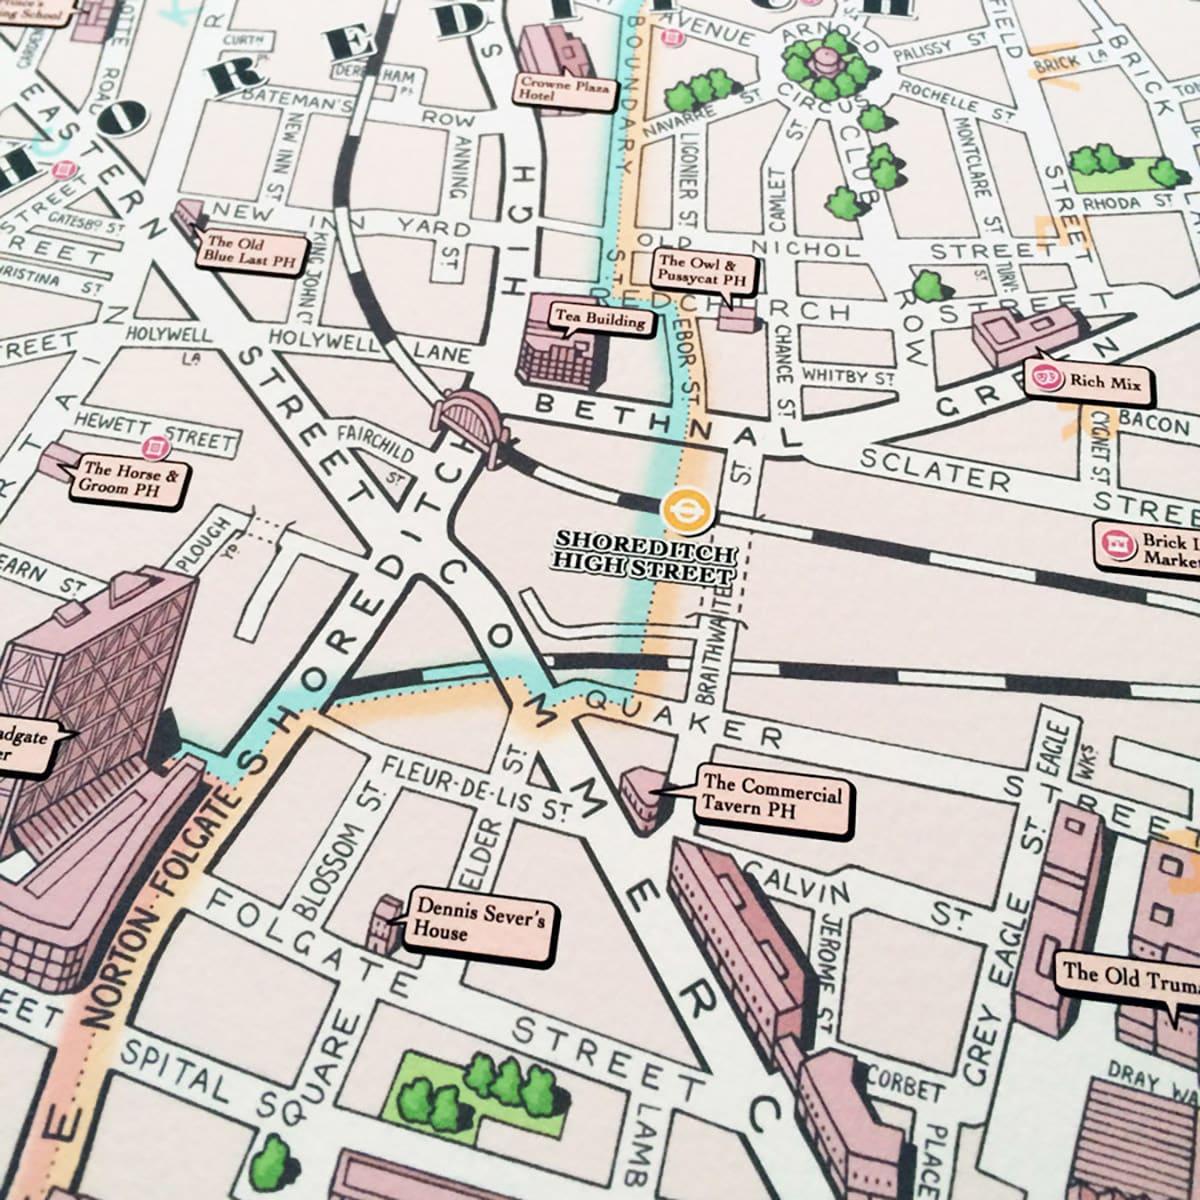 Trouva London Borough Of Shoreditch Spitalfields Map